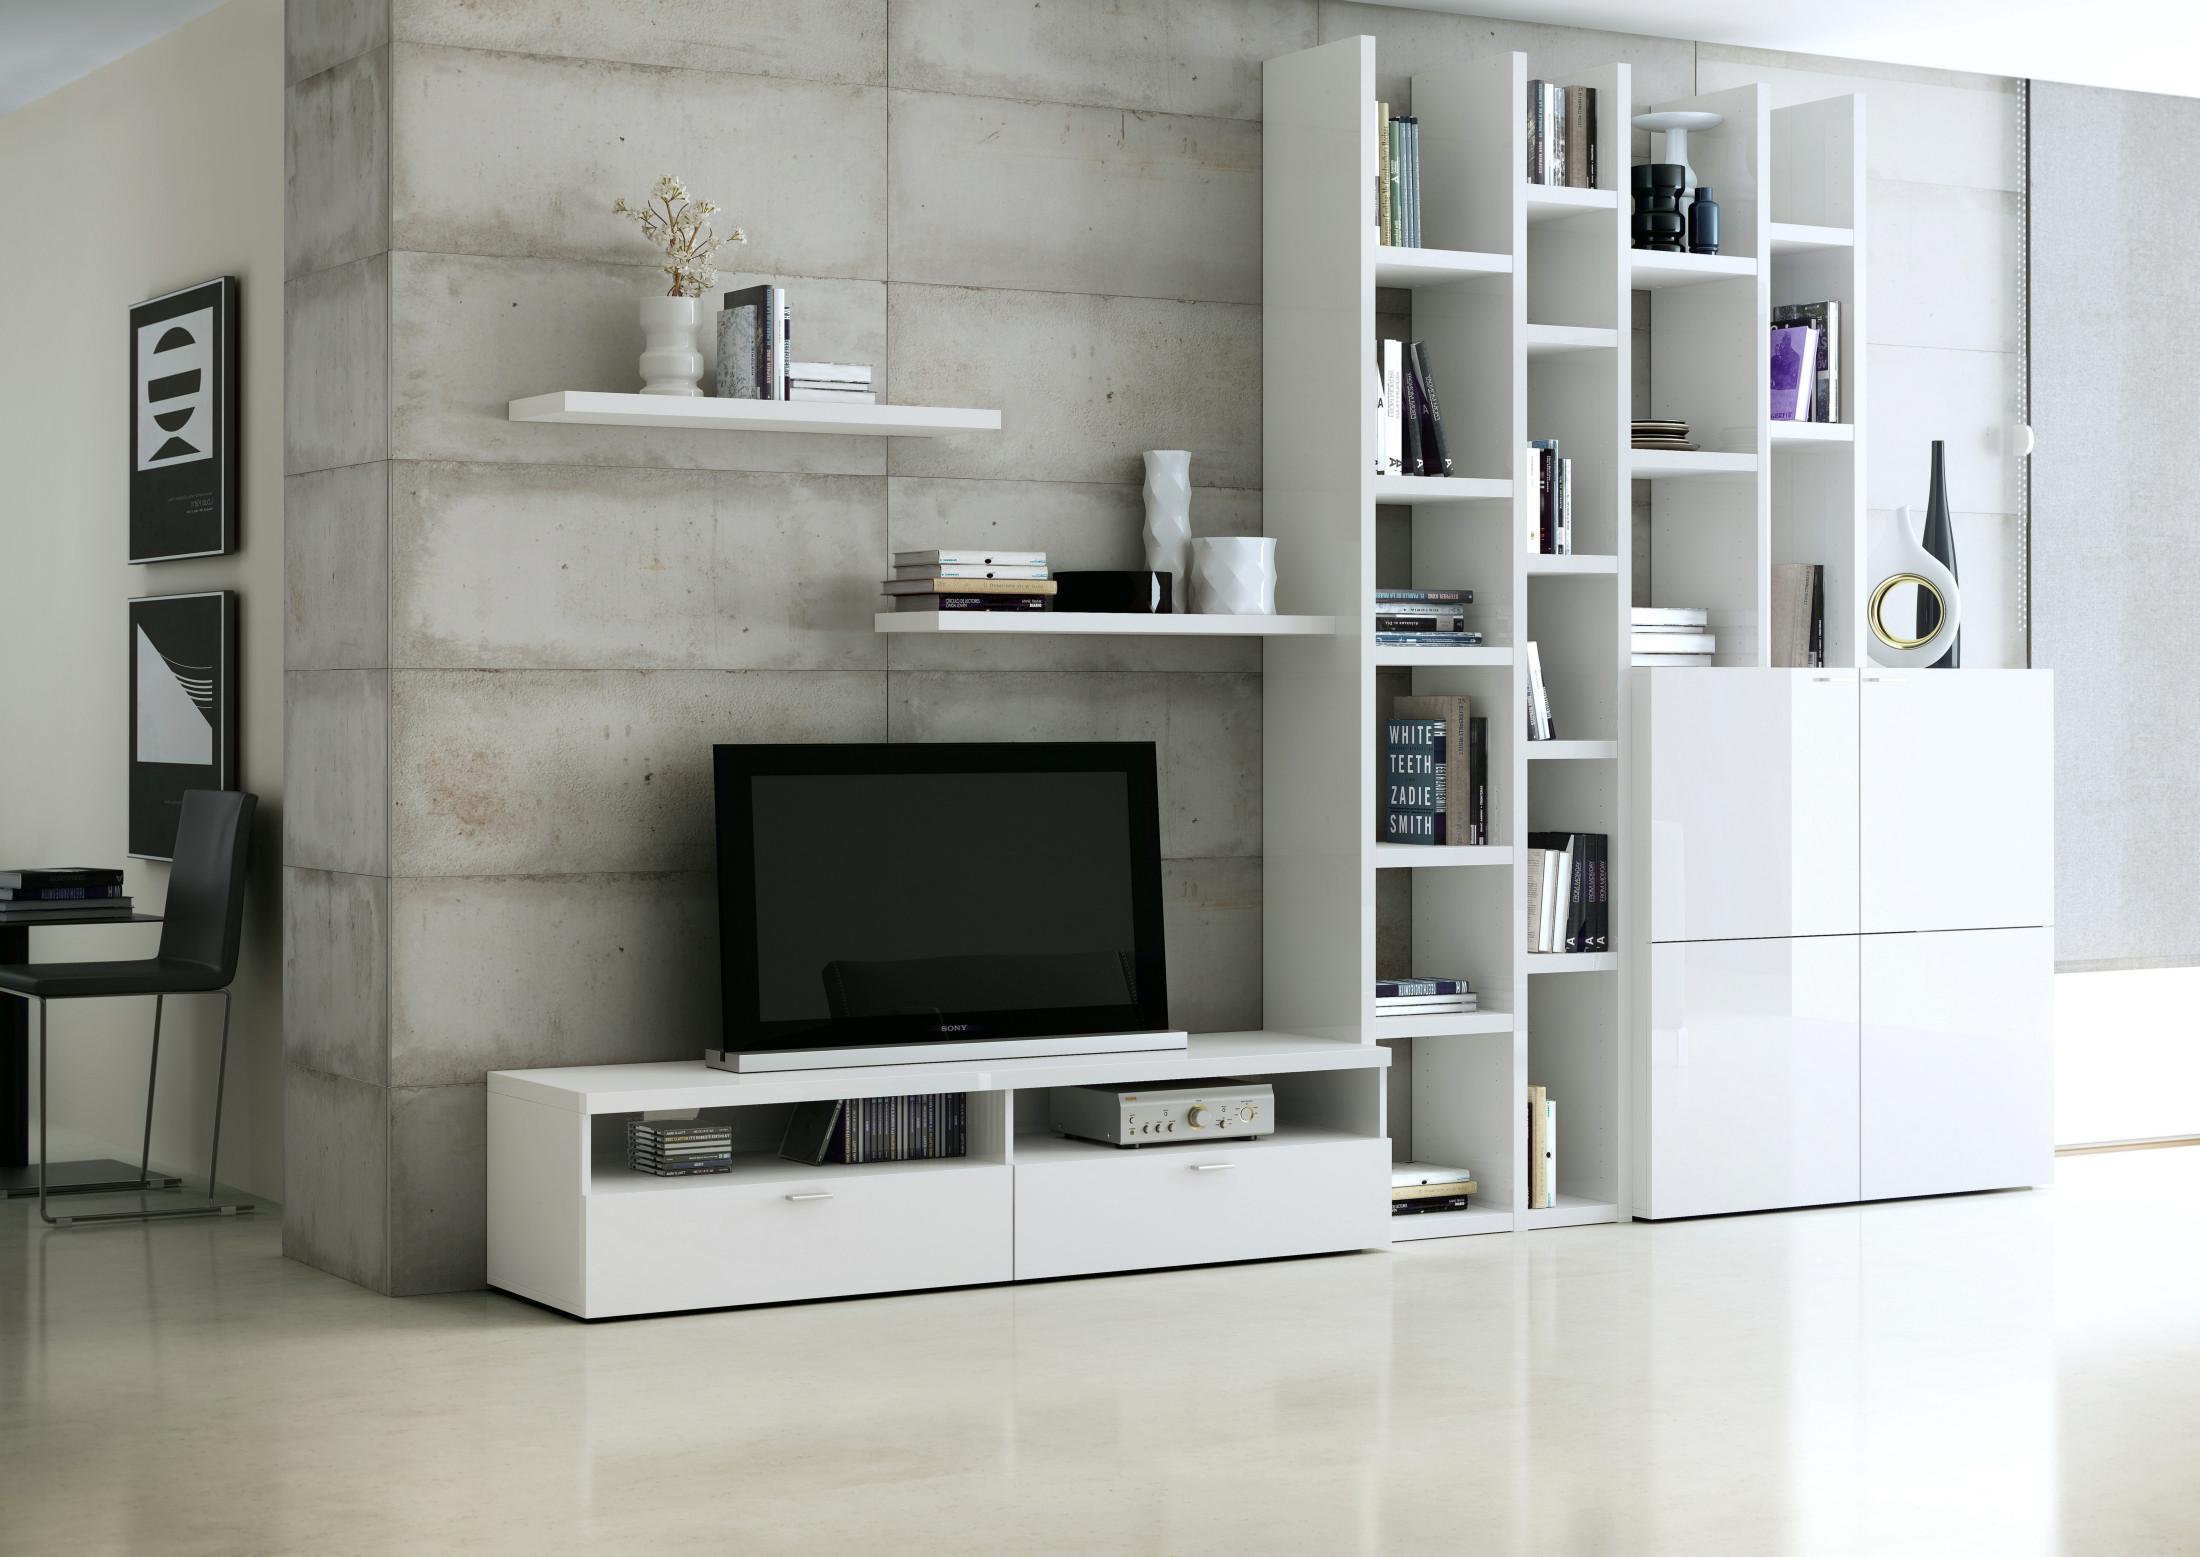 Wohnwand Weiss Hochglanz Woody 76 00121 Modern Weiss   Wohnwände zum Bestpreis Kaufen